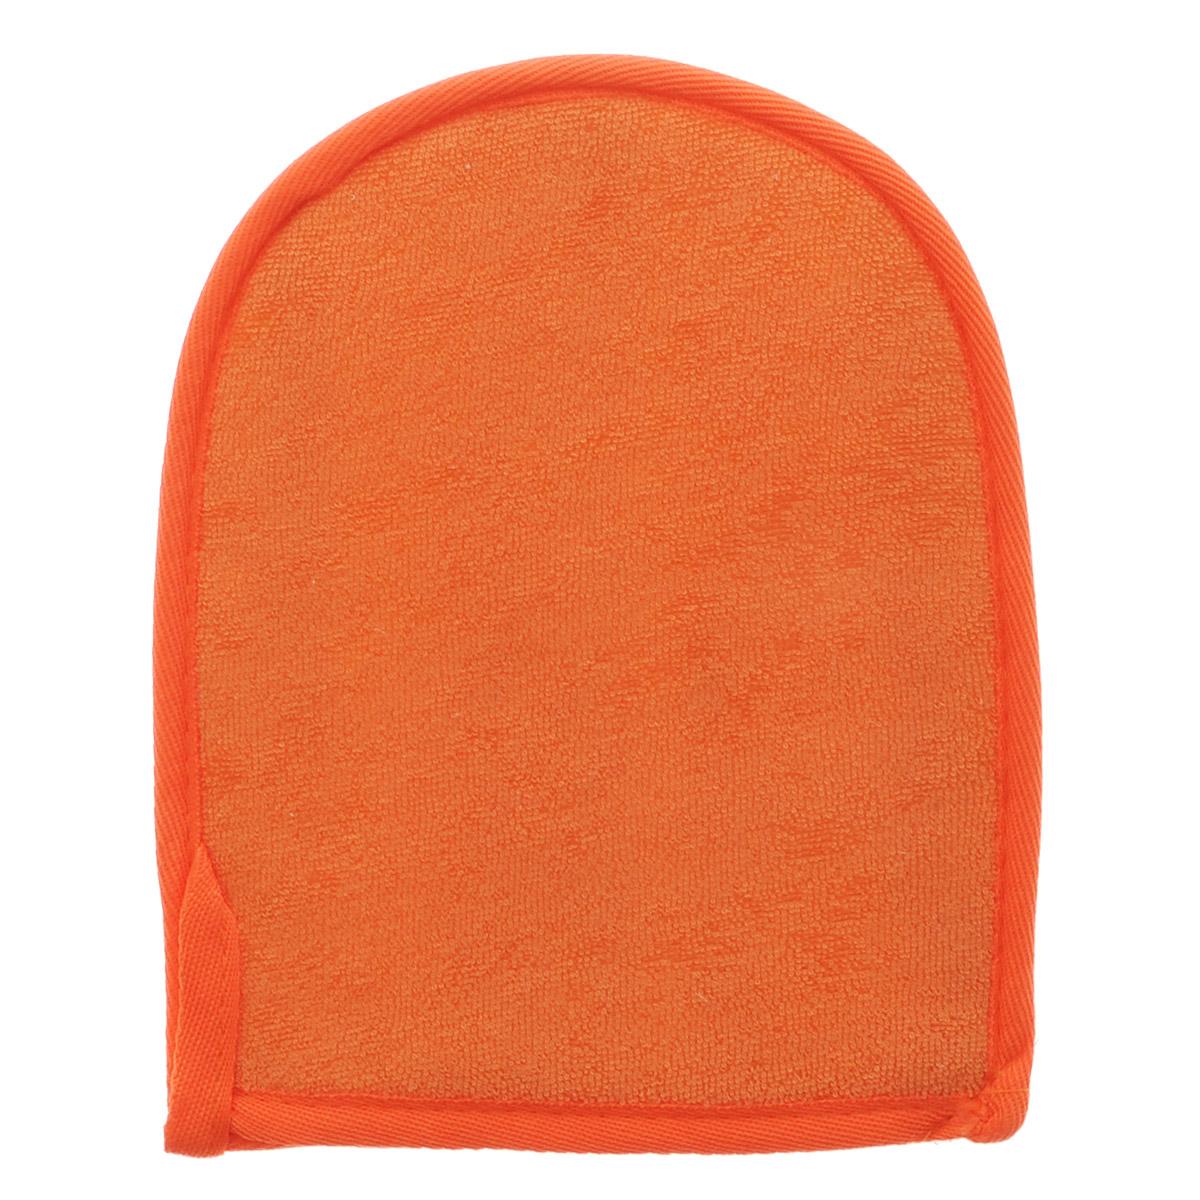 Мочалка-рукавица Home Queen, из люфы, цвет: оранжевый, 20 х 16 см50837Мочалка-рукавица Home Queen, изготовленная из люфы, прекрасно очищает и массирует кожу, улучшает циркуляцию крови и обмен веществ. Обладает эффектом скраба - мягко отшелушивает верхний слой эпидермиса, стимулируя рост новых, молодых клеток, делает кожу здоровой и красивой. Подходит для ежедневного использования.